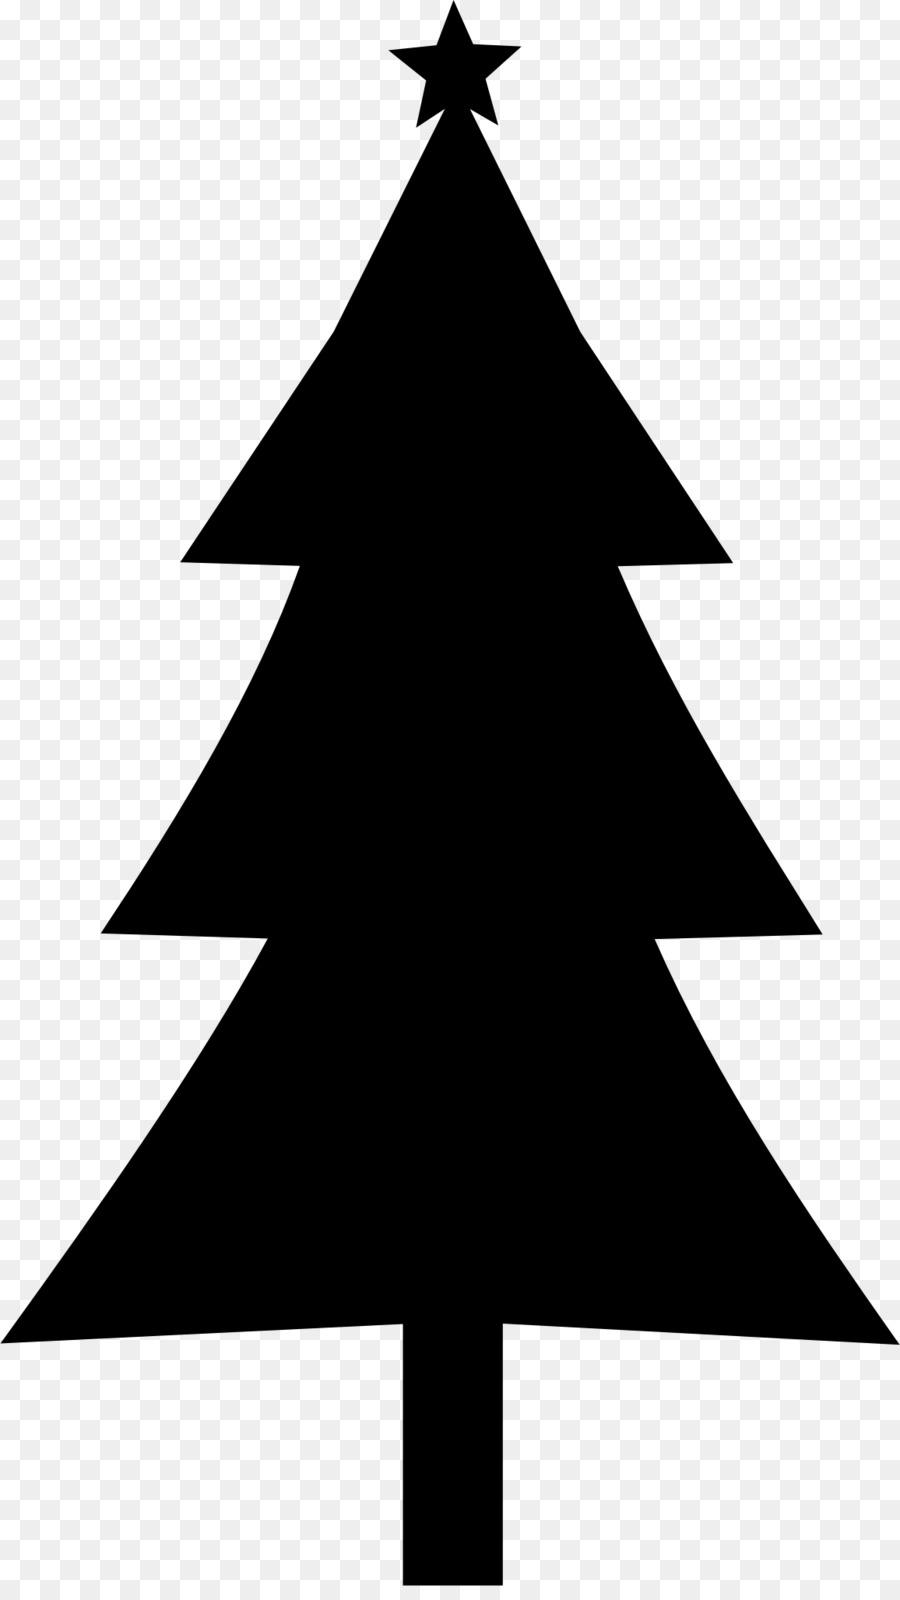 Weihnachten Baum Silhouette clipart - Tanne 1156*2037 transparenter ...